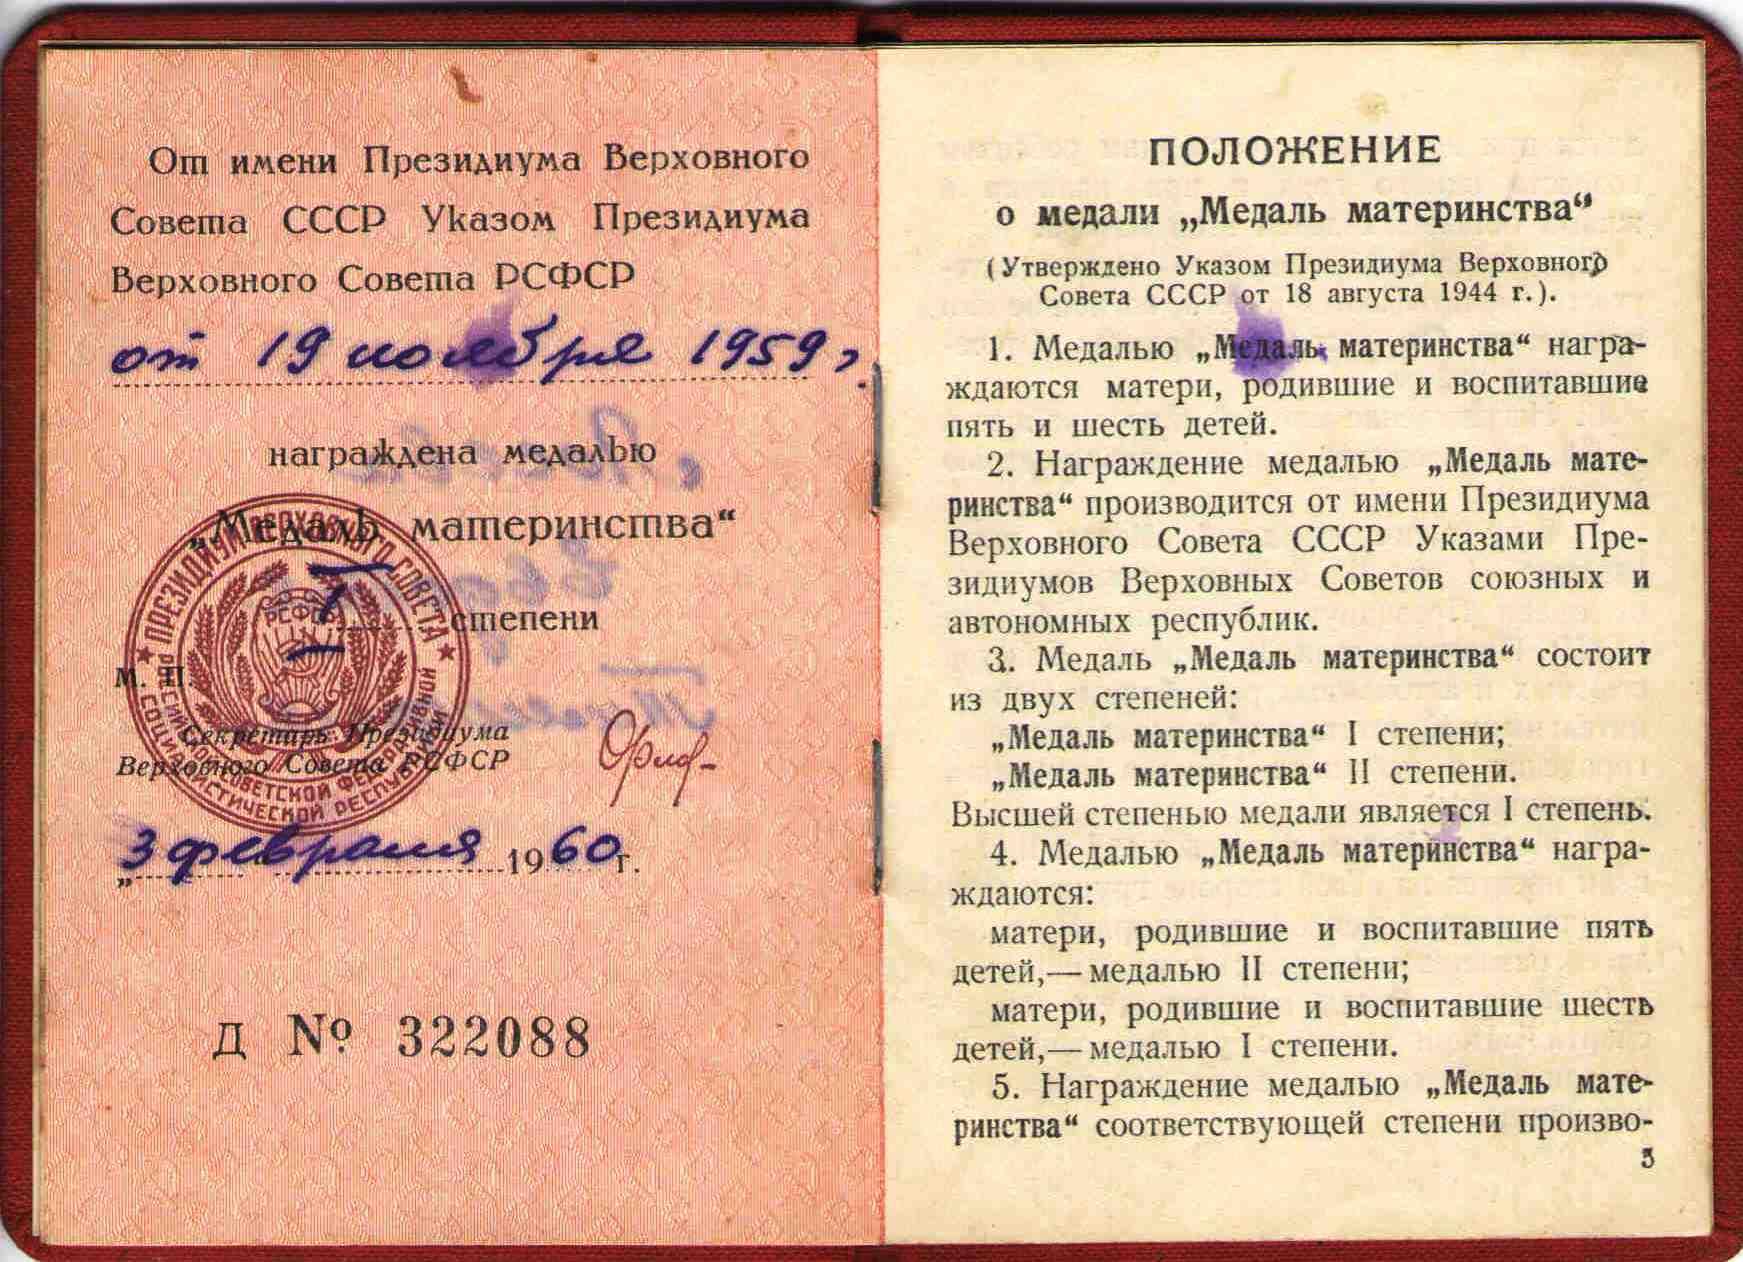 17. Удостоверение к Медали Материнства, 1960